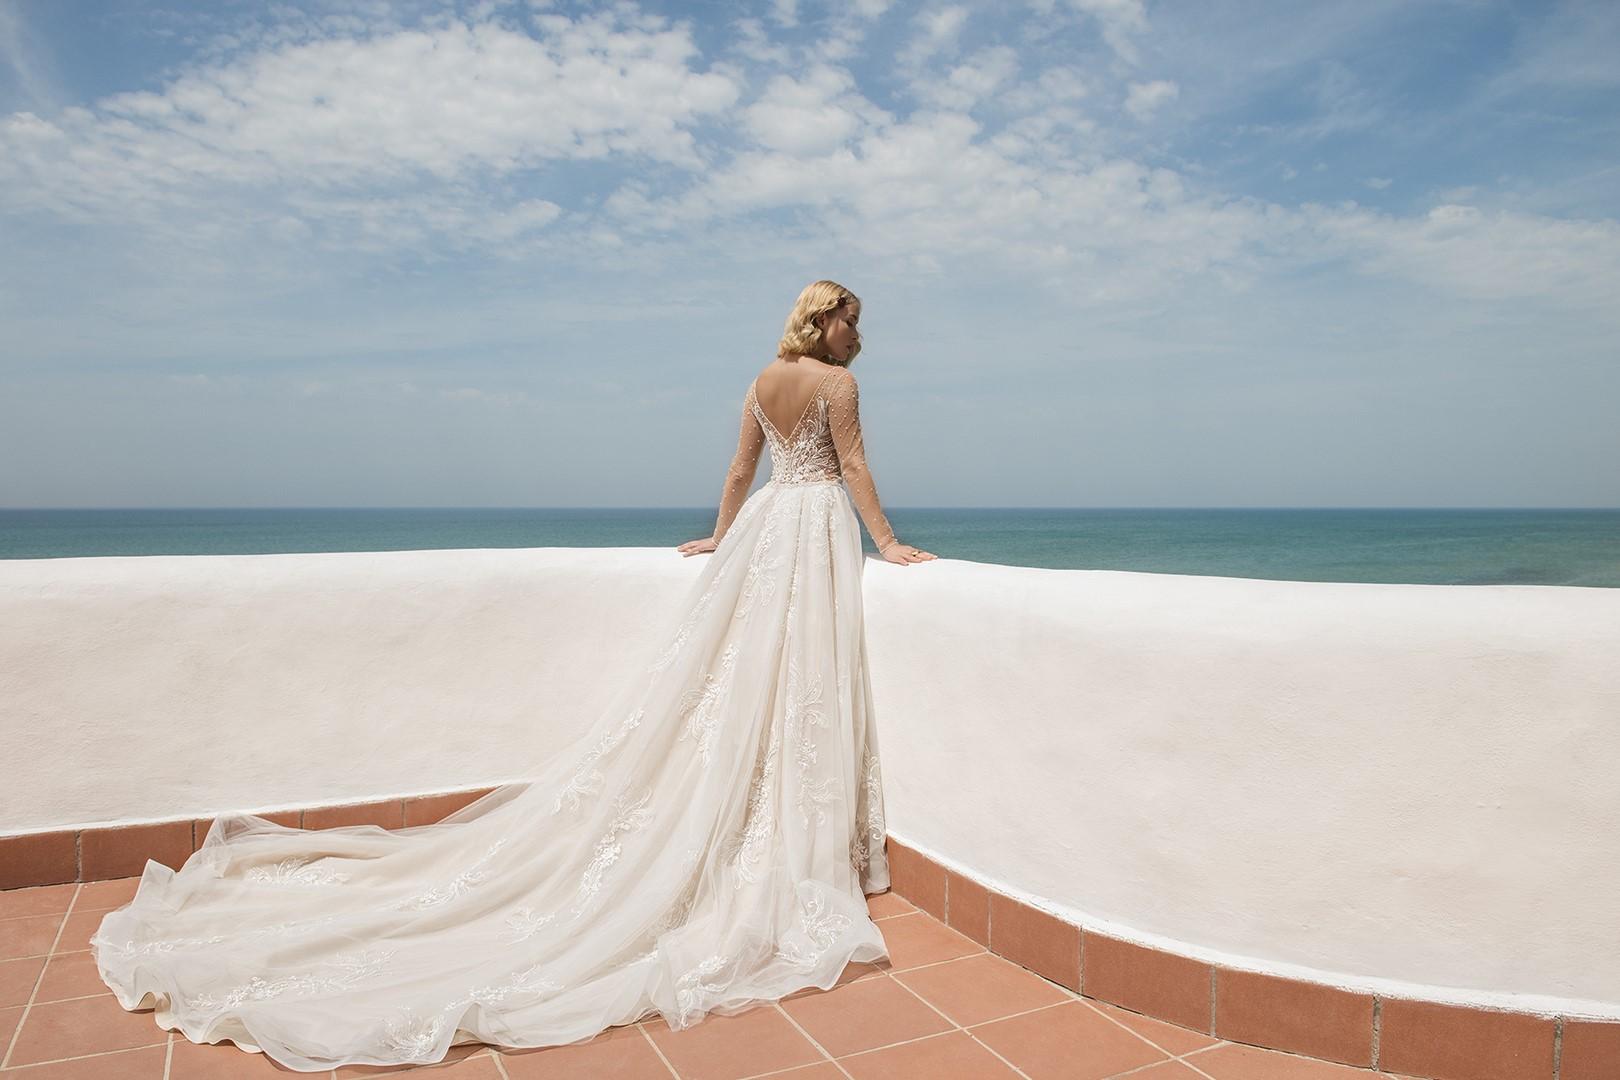 Valeria-Jillian Elianto-0379-WEB Jillian Abiti da sposa Collezione 2020.jpg